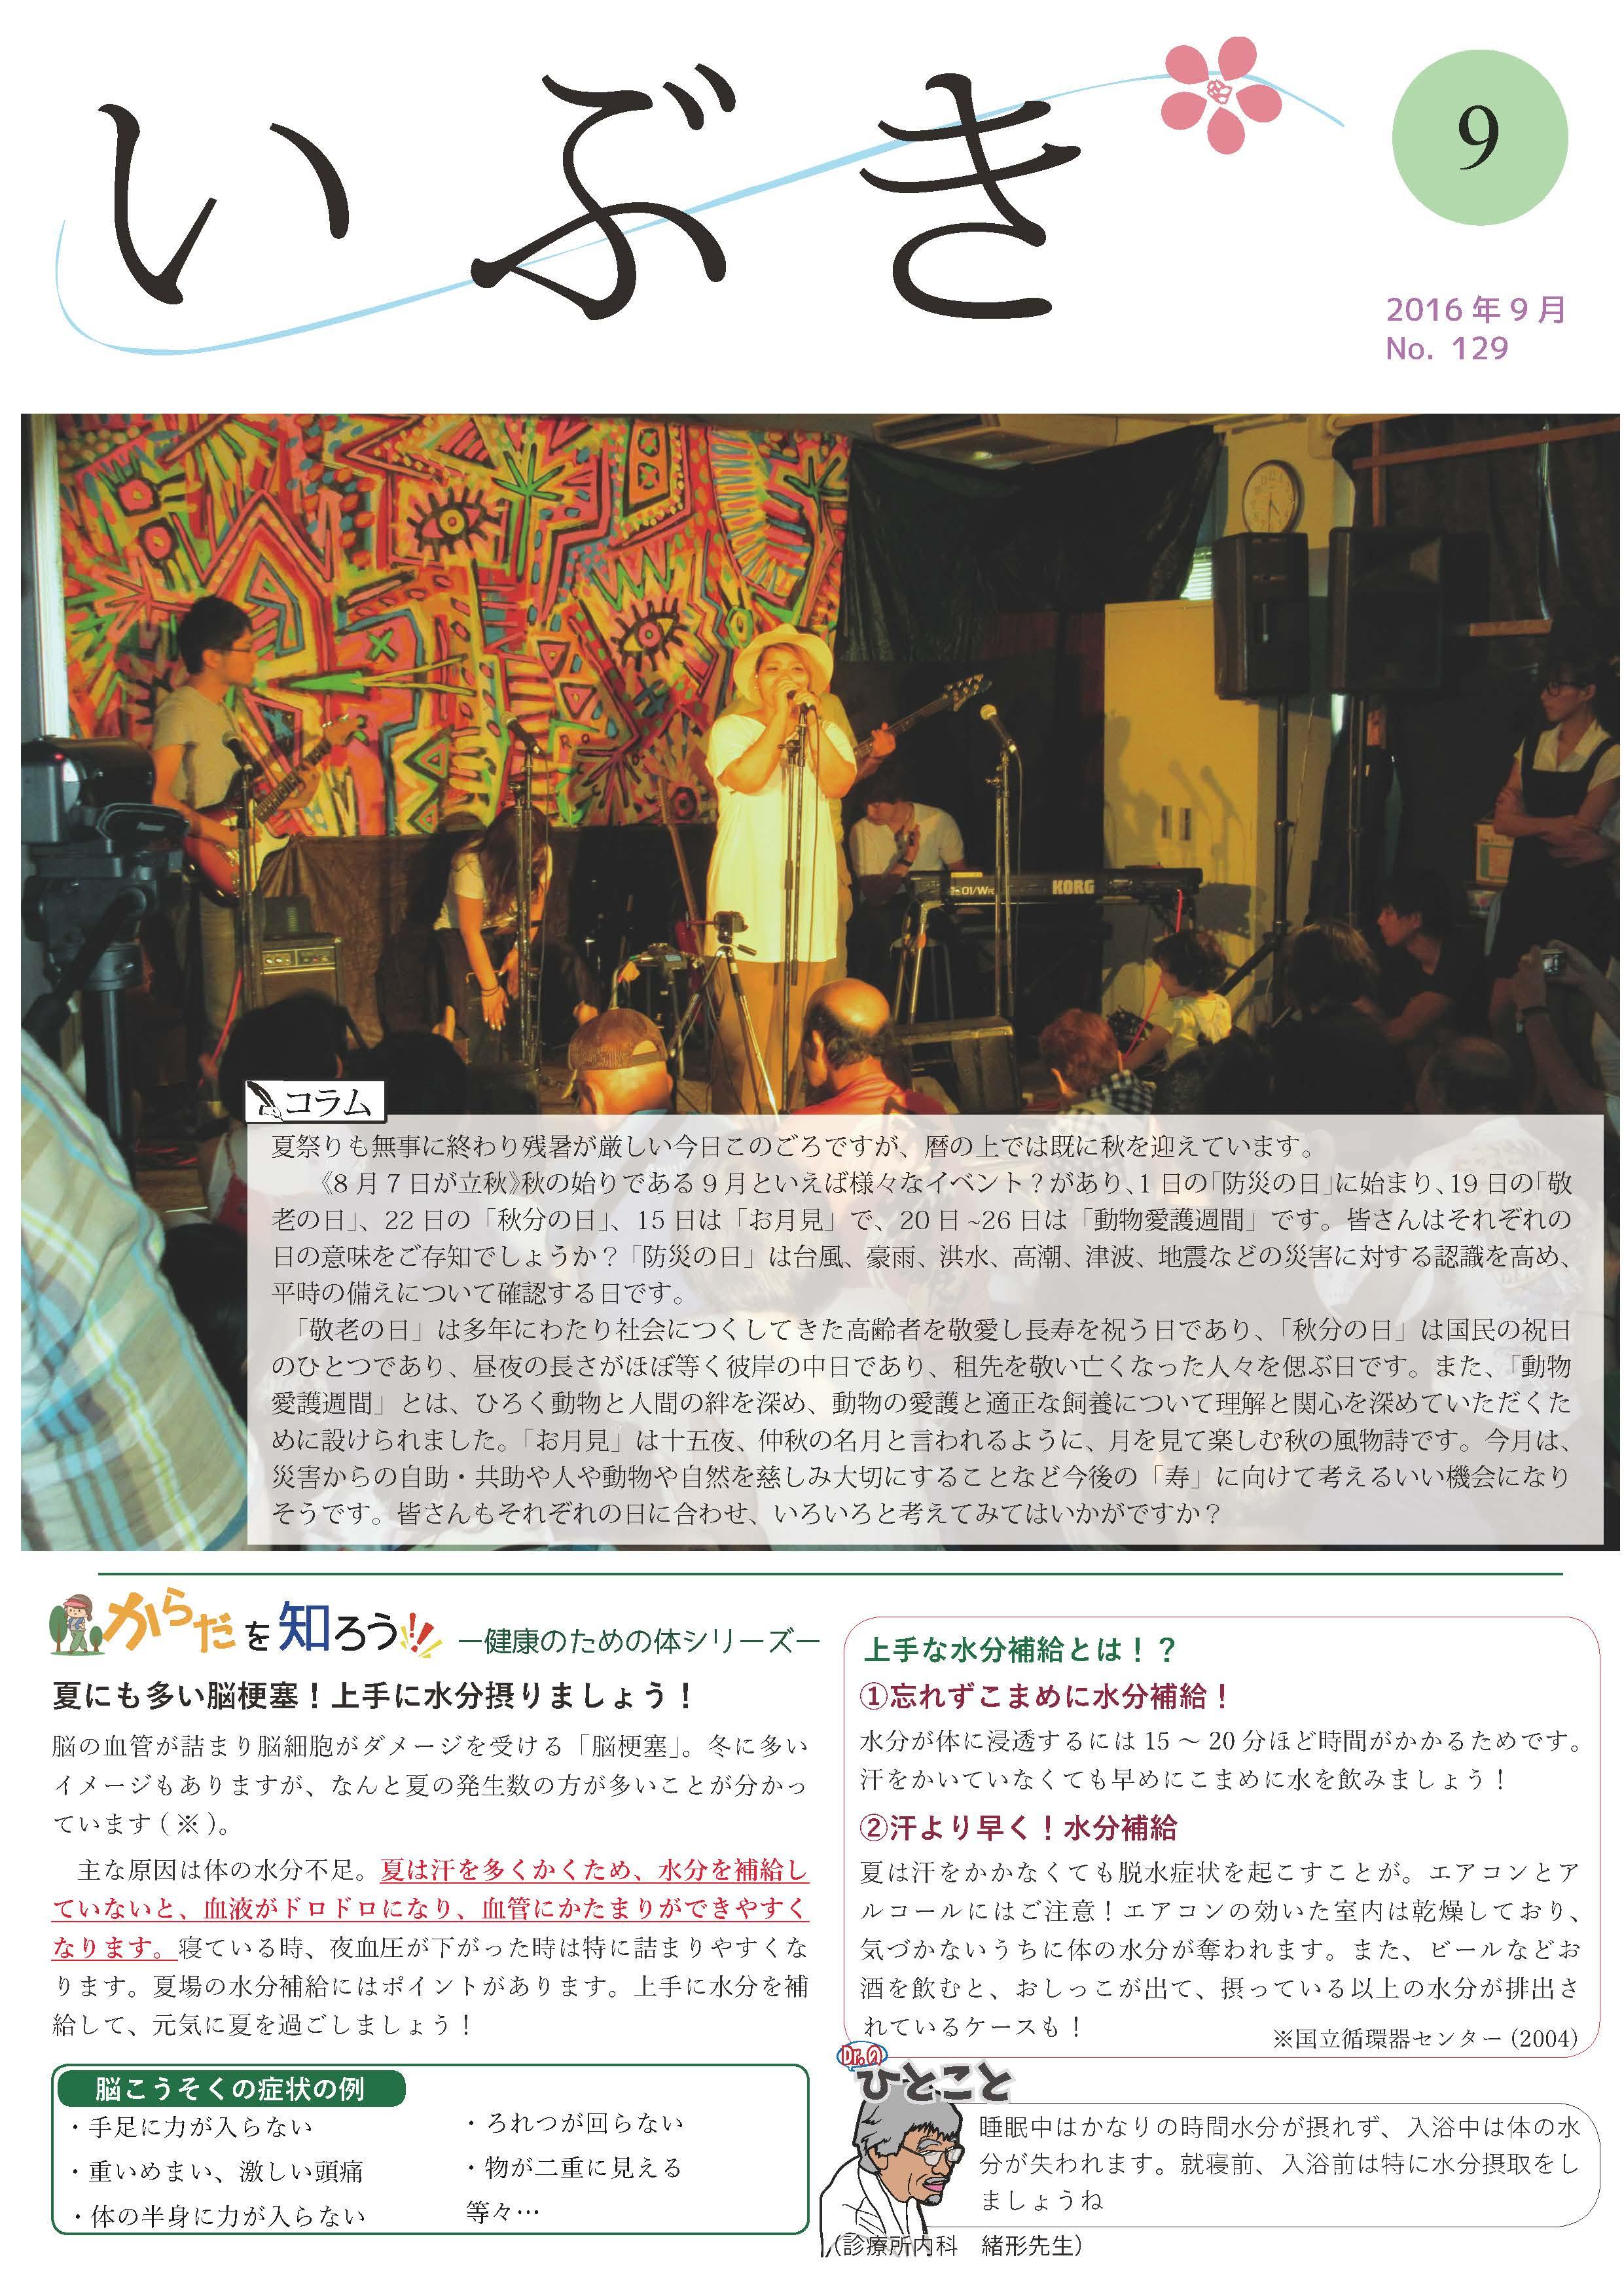 広報誌いぶき2016.9月号(No.129)